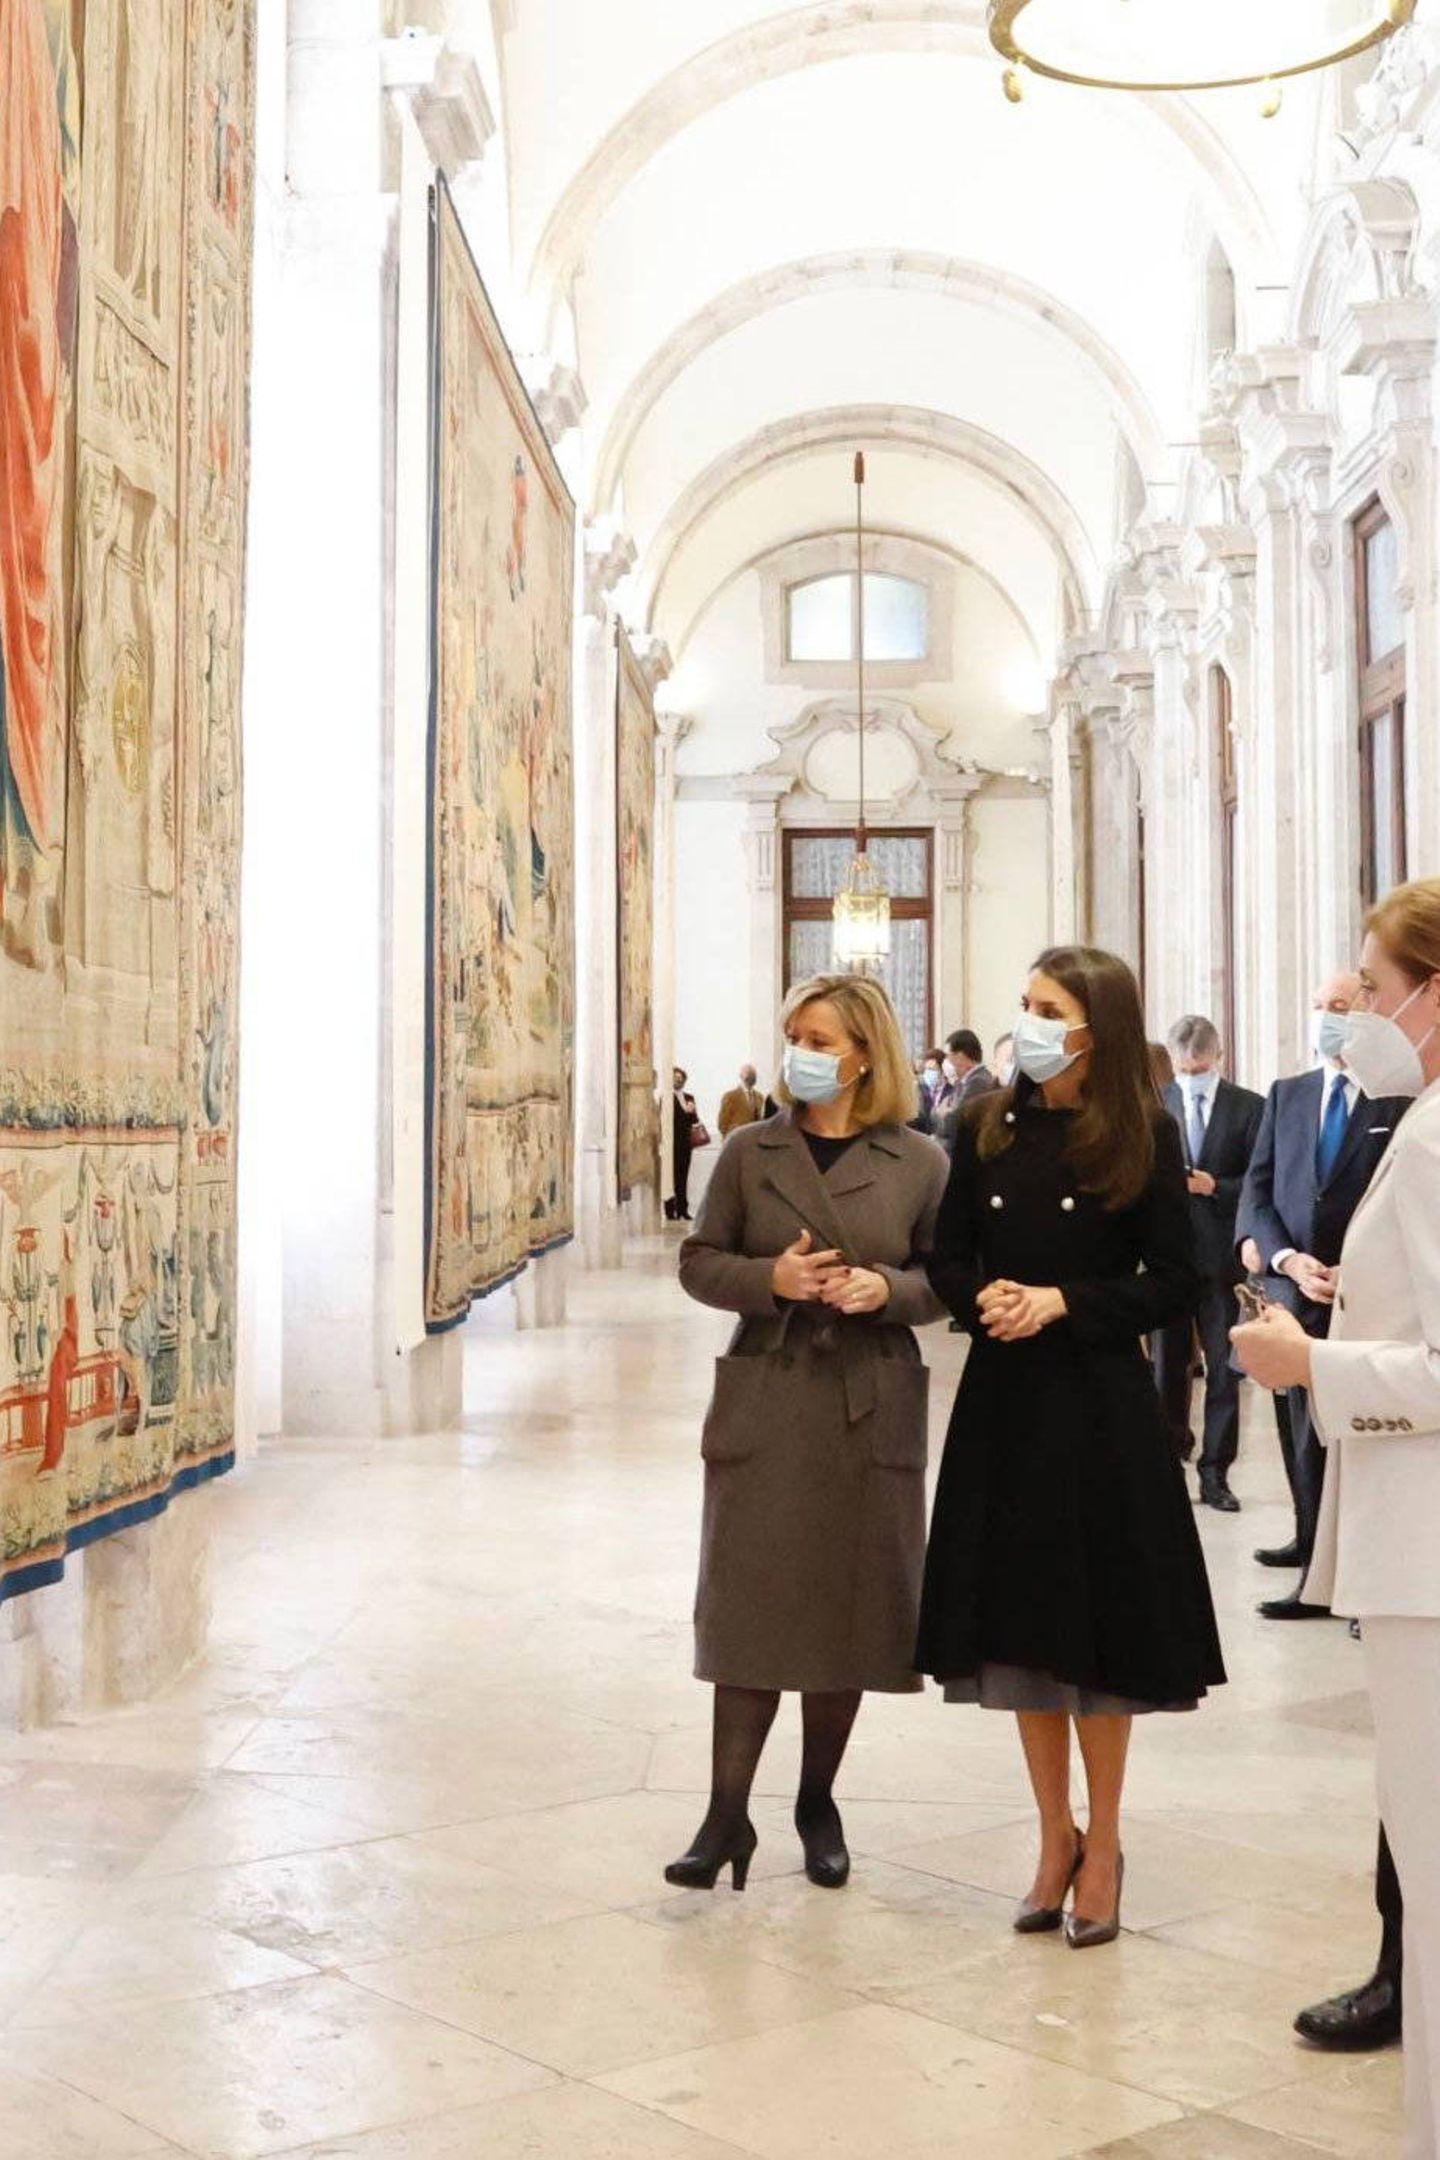 3. Dezember 2020  Königin Letizia schaut sich Hunderte Jahre alte Wandteppiche an, die von der Palastdecke hängen. Ein imposanter Anblick! Sie stammen vom bekannten Renaissancekünstler Raffaello Sanzio da Urbino, der vor 500 Jahren verstarb. Aus diesem Anlass findet nun eine Ausstellung im spanischen Königspalast statt.